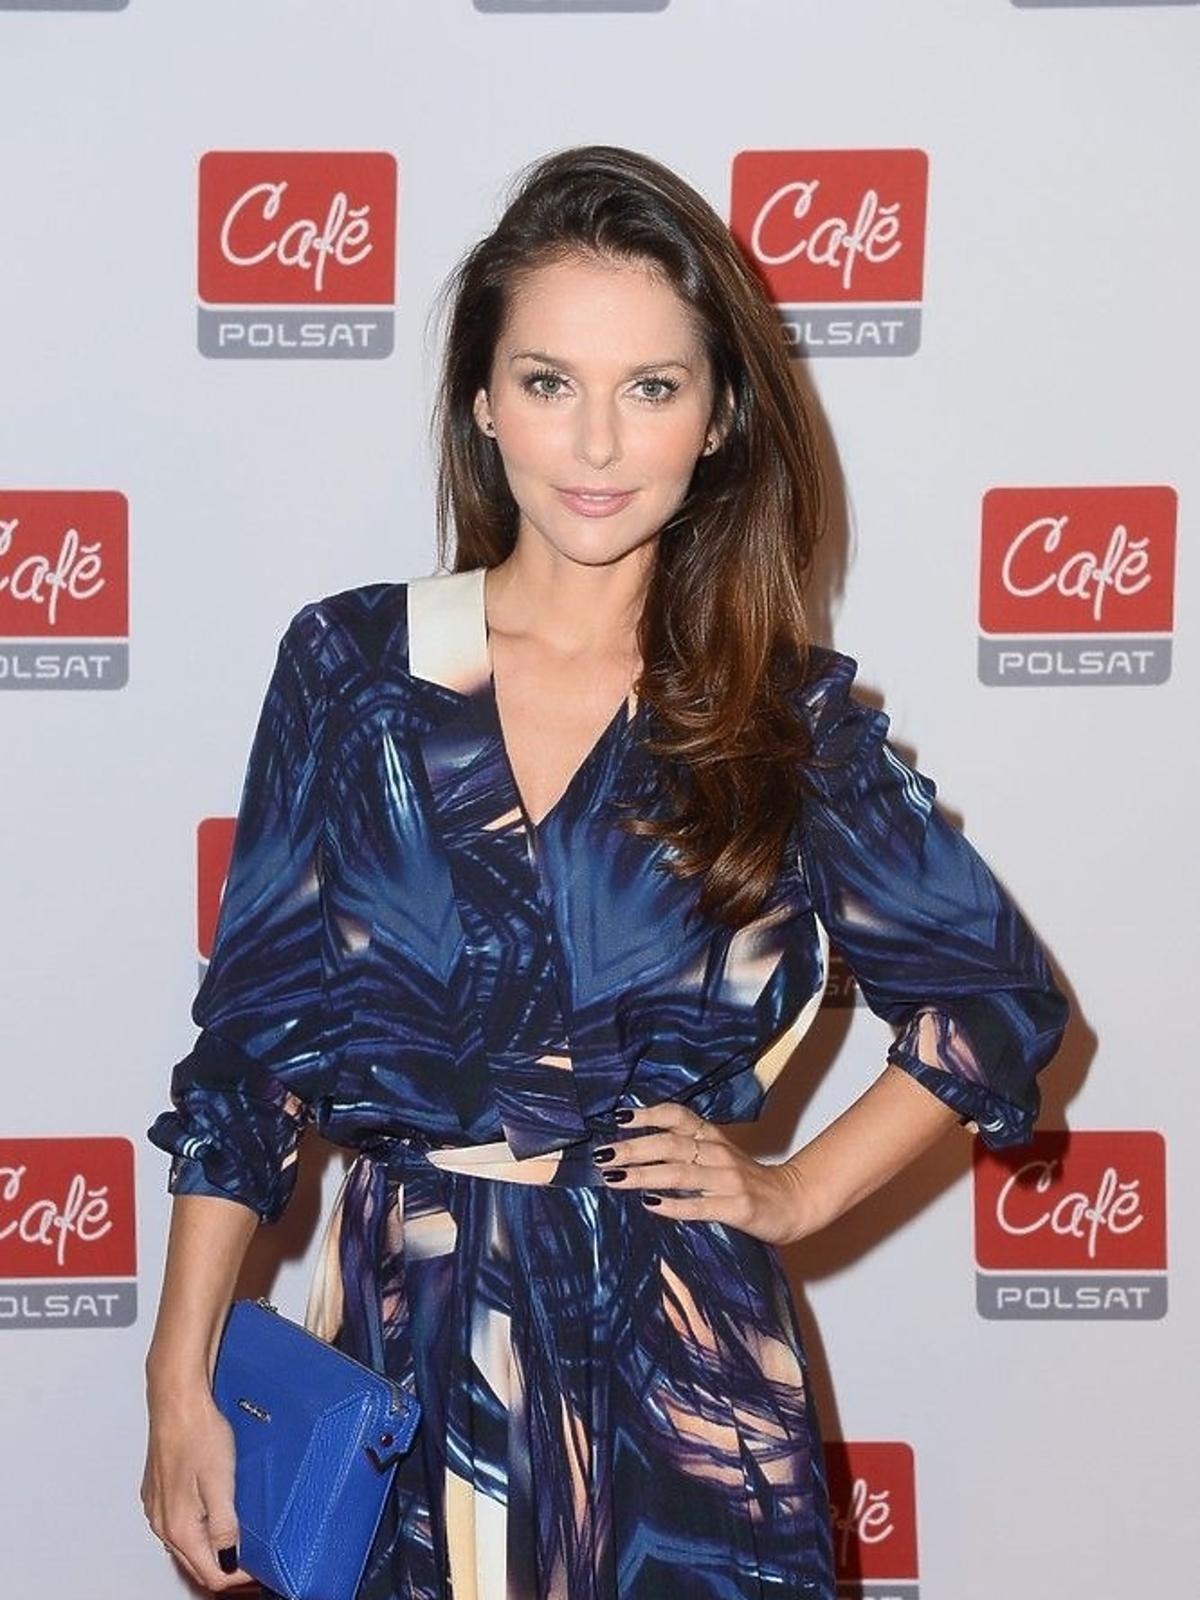 Paulina Sykut na konferencji Polsat Cafe